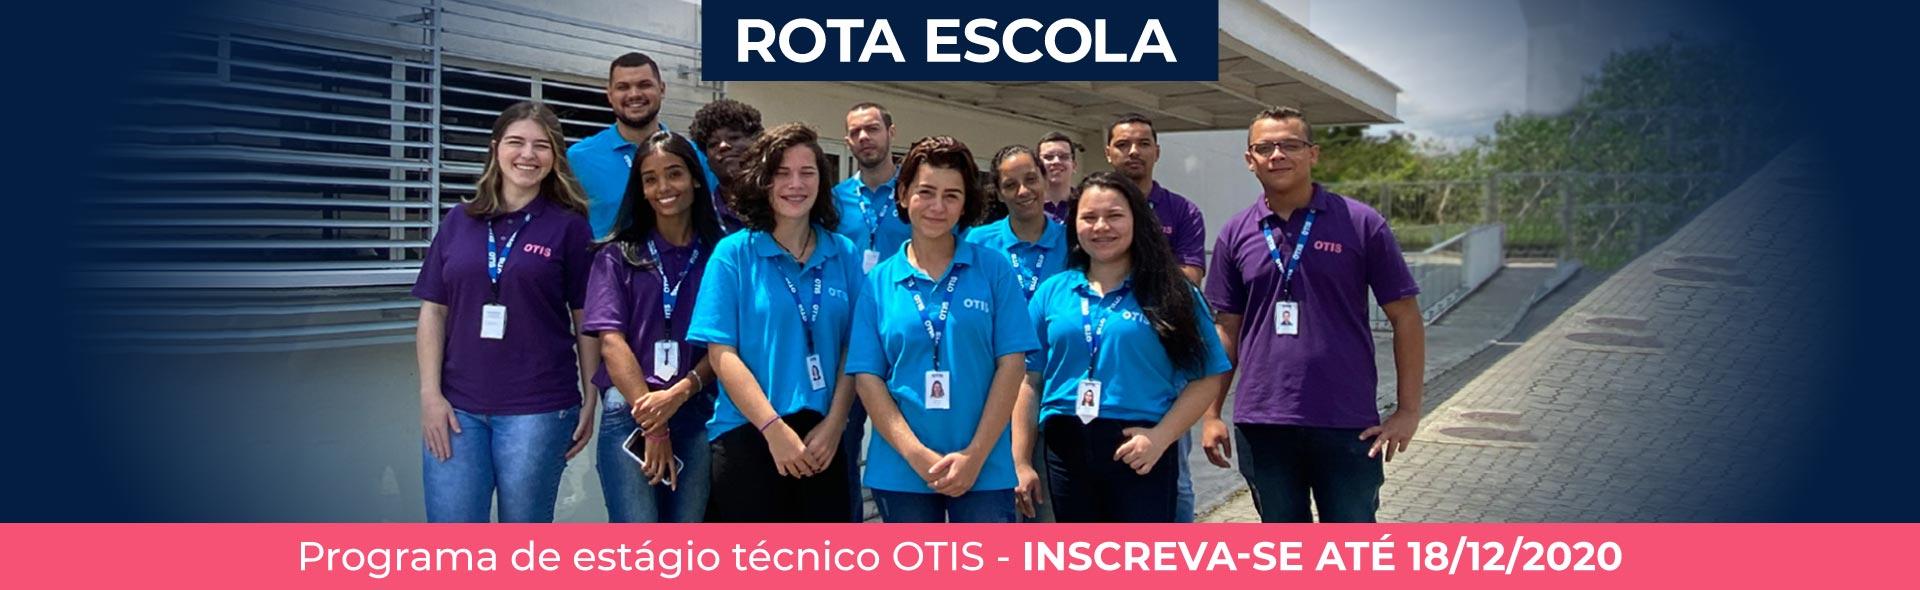 Rota Escola - Programa de estágio técnico OTIS - Inscreva-se até 18/12/2020